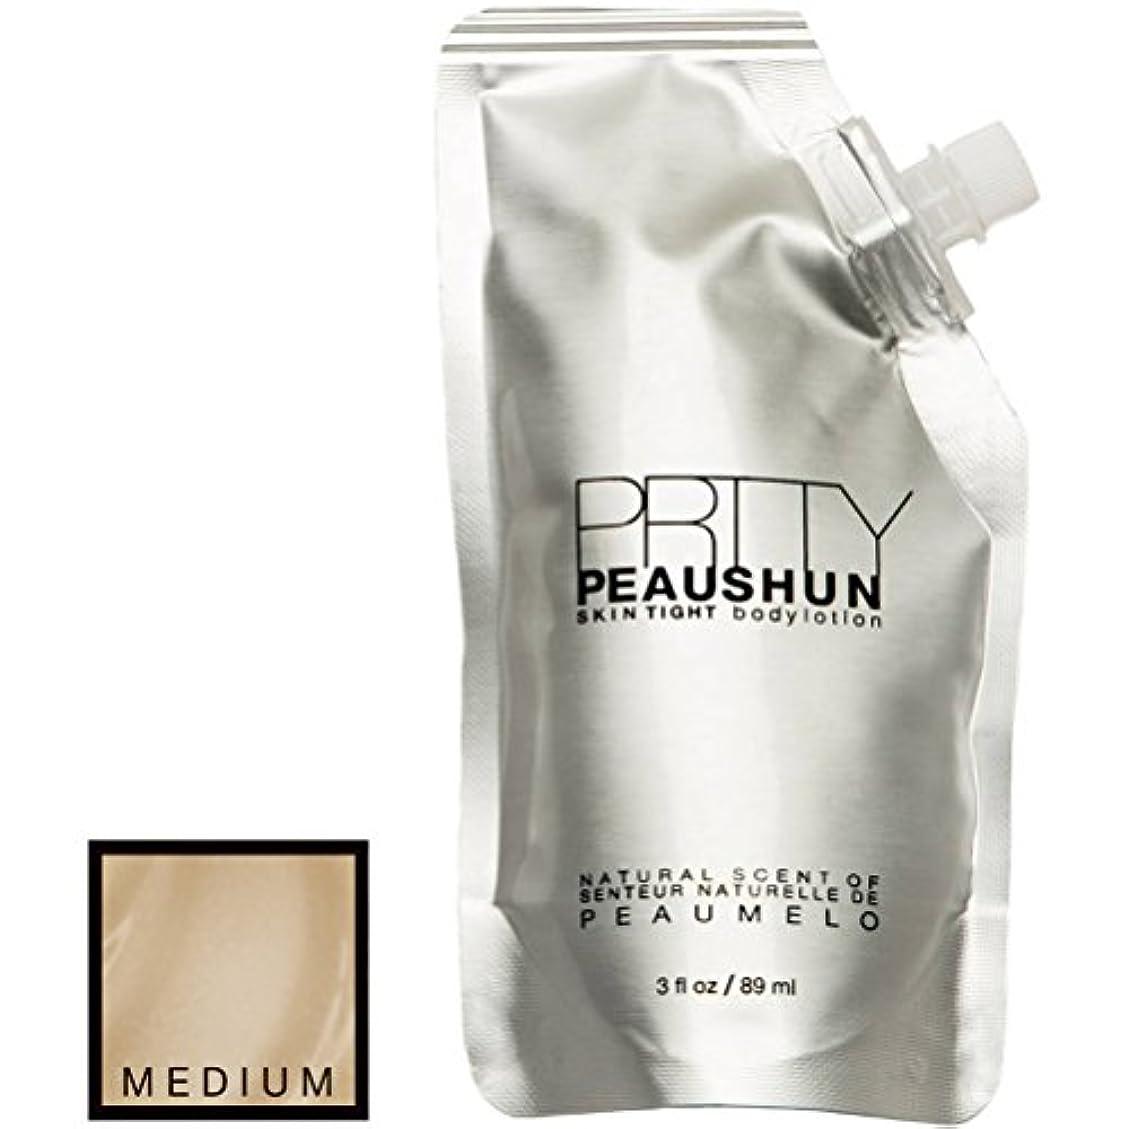 チップご近所指定Prtty Peaushun Skin Tight Body Lotion - Medium by Prtty Peaushun